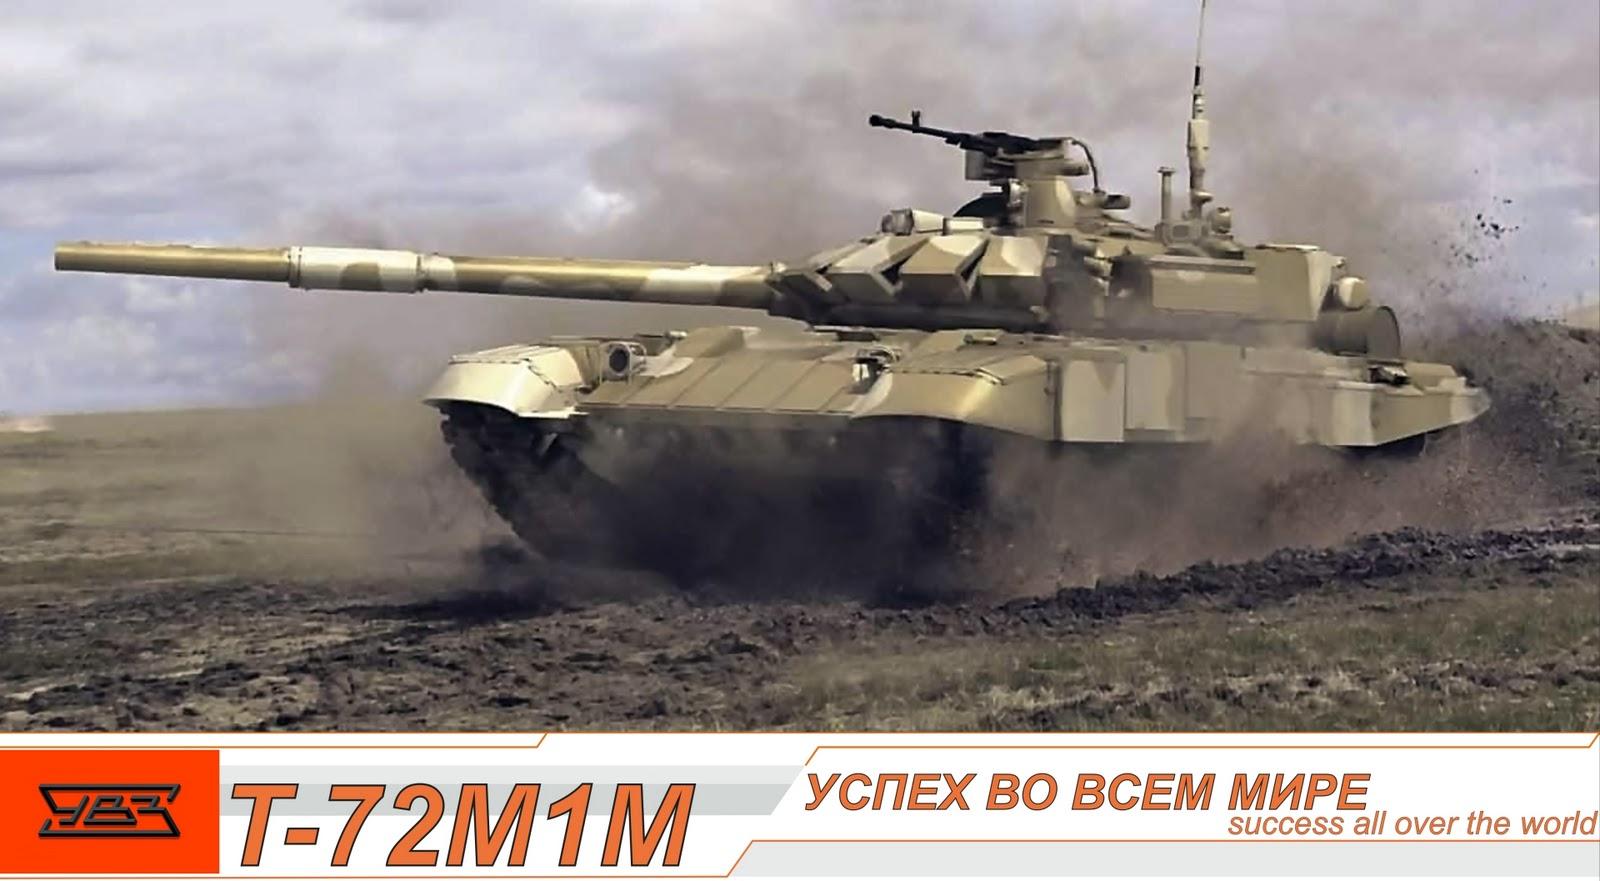 Chars T-72B/BK MArocains // Moroccan Army T-72B/BK Tanks - Page 2 T-72M1M_+plakat1ok